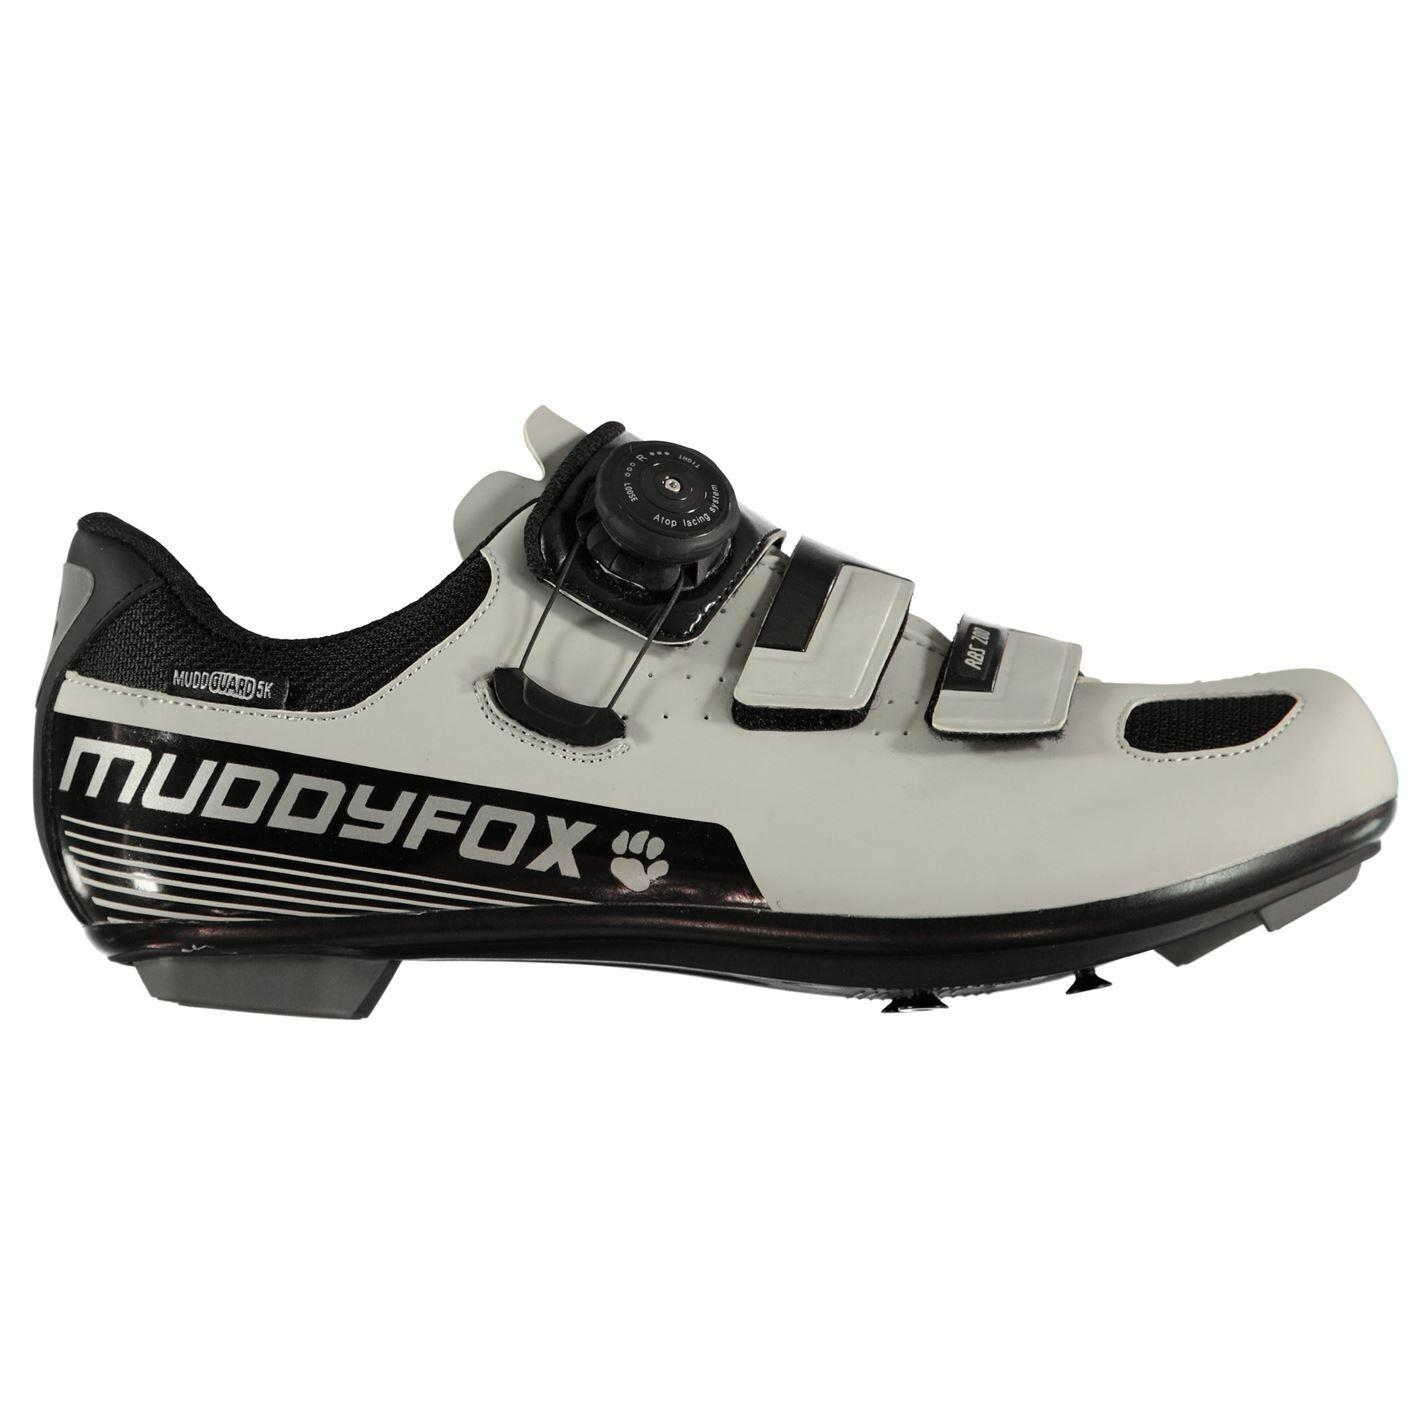 Muddyfox RBS200 Herren Gents Radfahren schuhe - Road